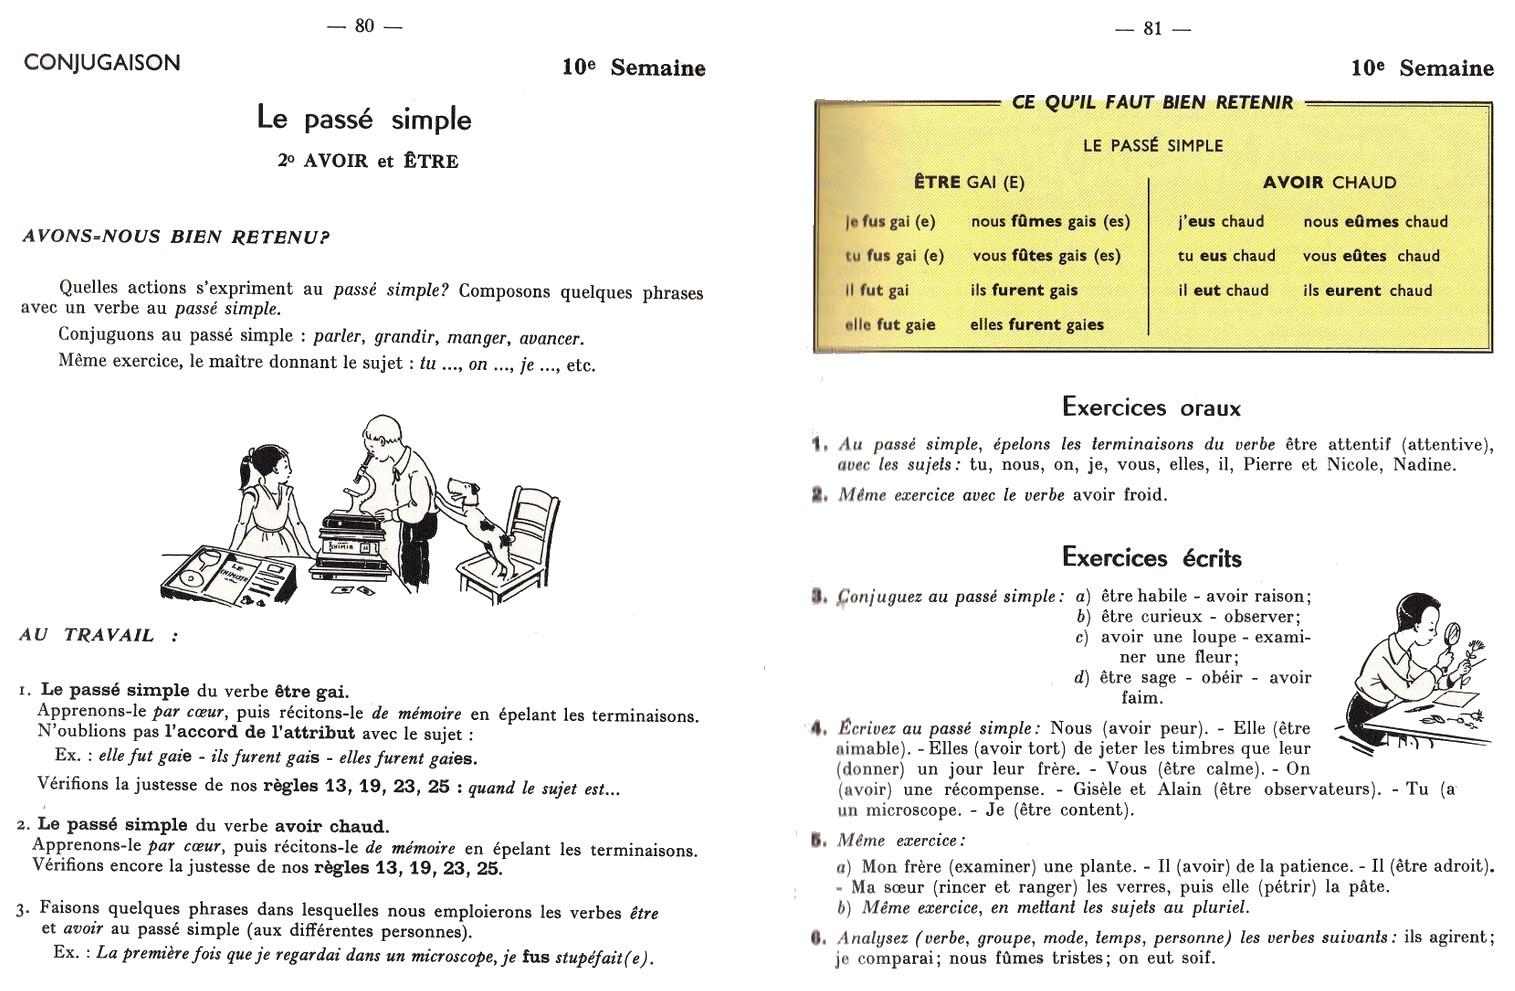 Le passé simple des verbes du 3e groupe Bescherelle